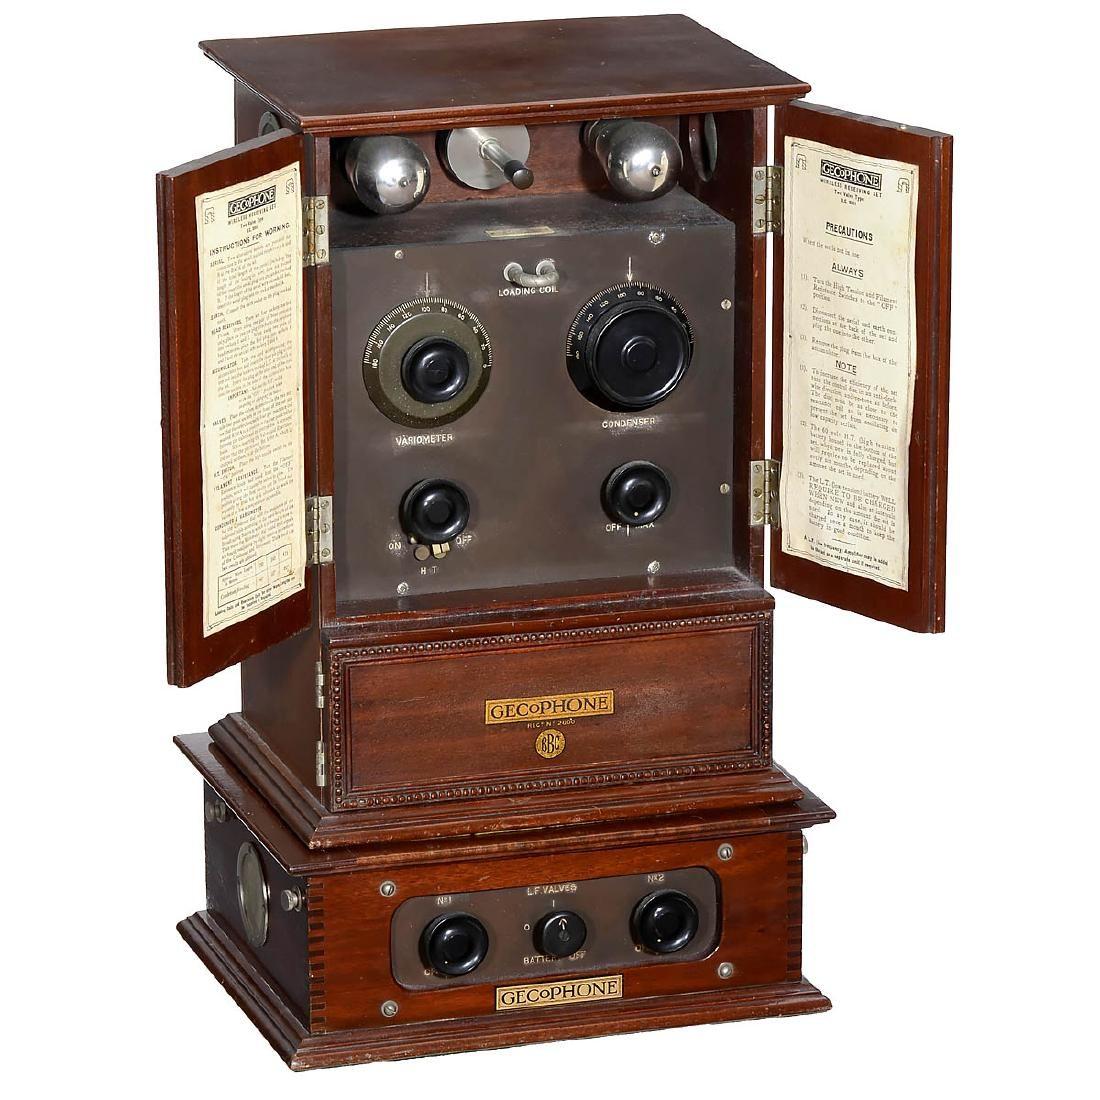 Gecophone Bc 2001 Radio 1922 With Images Antique Radio